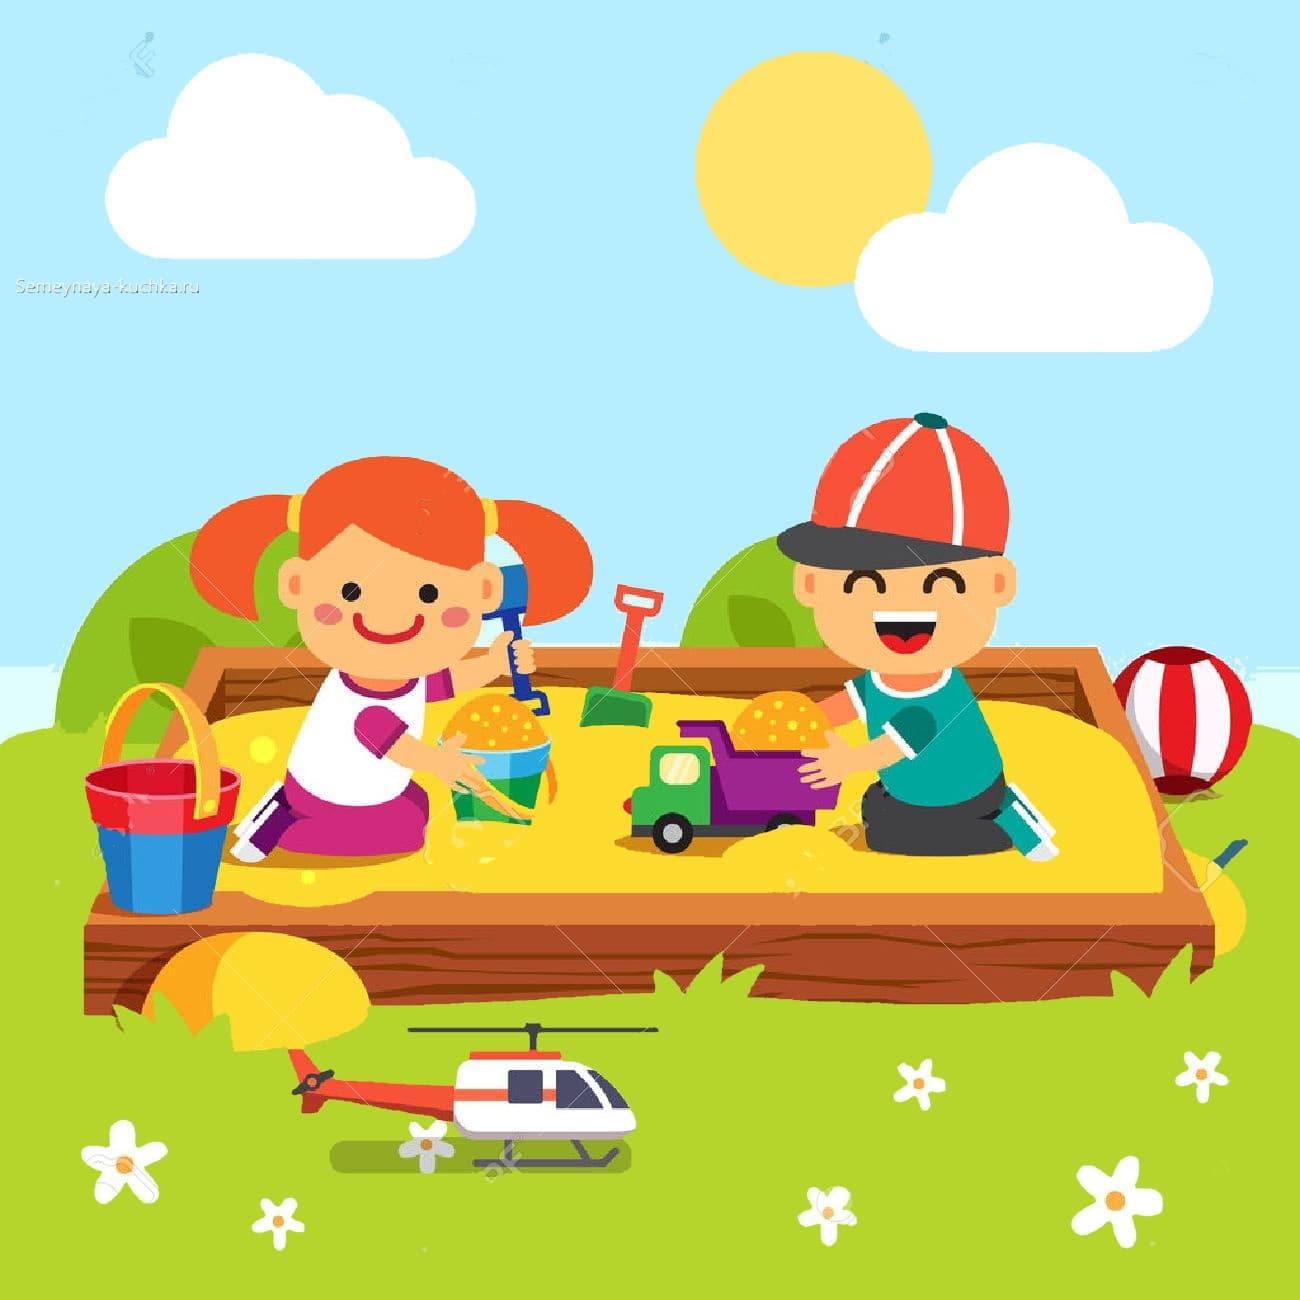 картинка дети в песочнице с лопатками